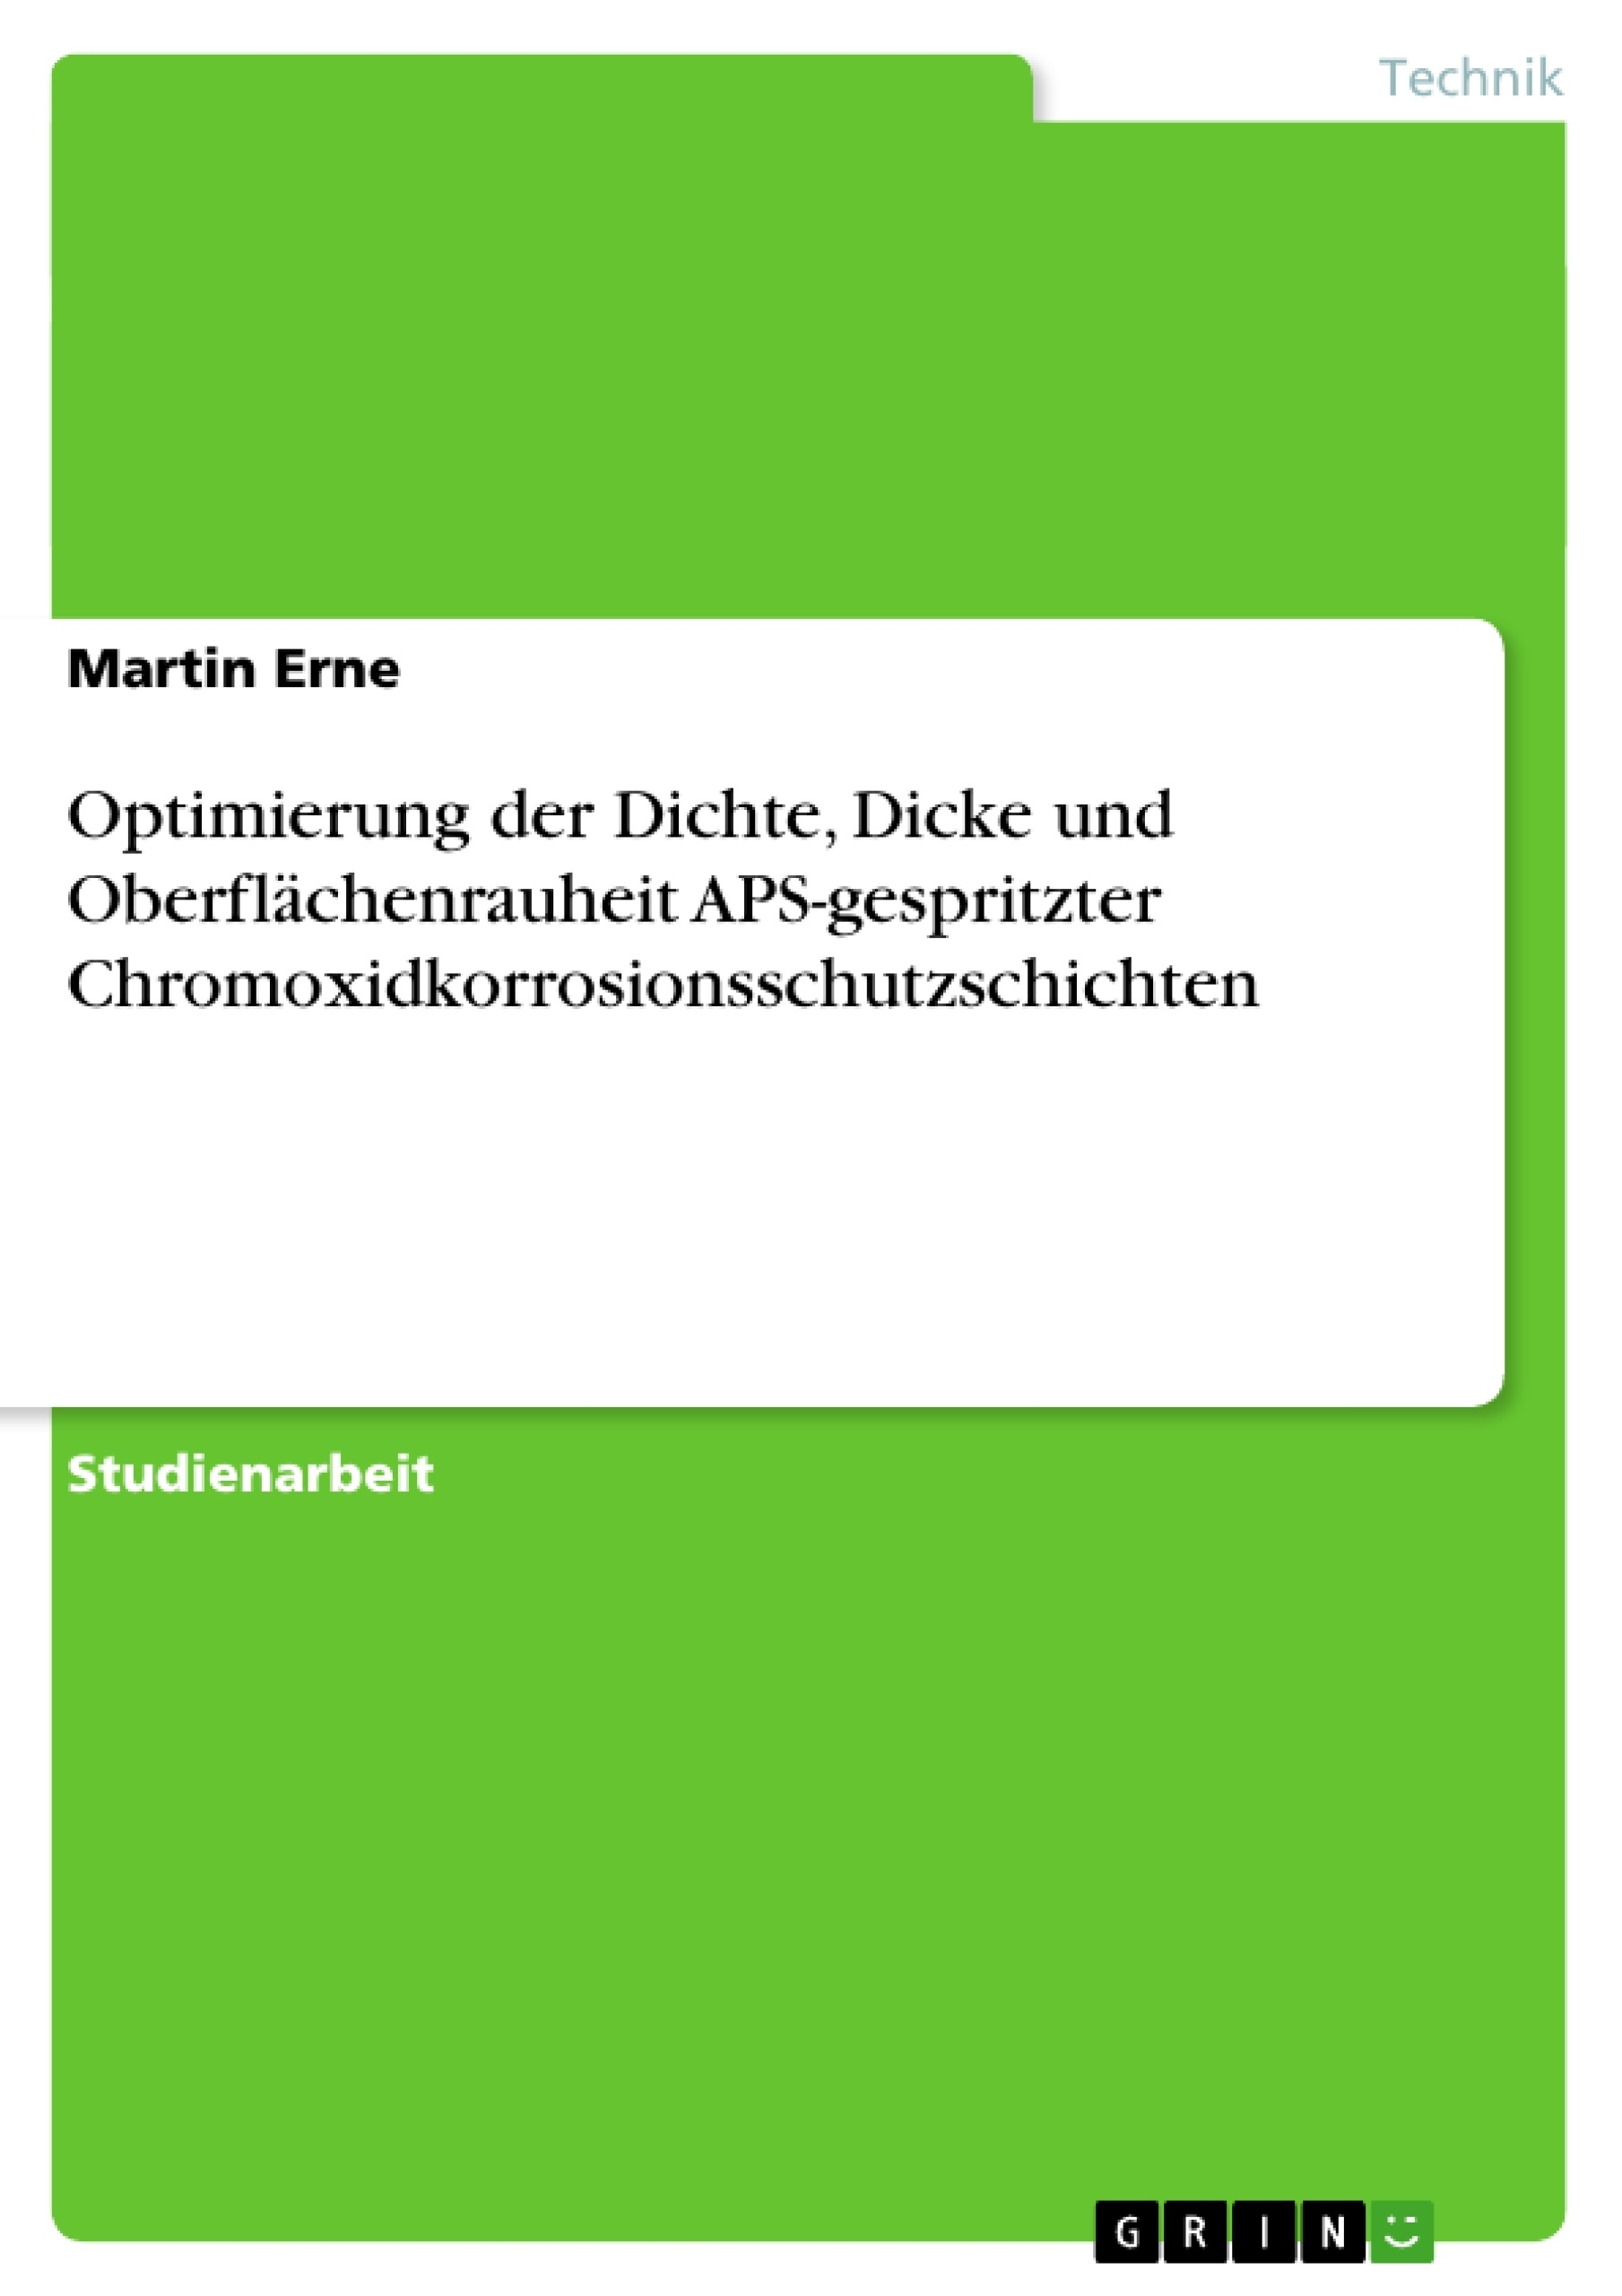 Titel: Optimierung der Dichte, Dicke und Oberflächenrauheit APS-gespritzter Chromoxidkorrosionsschutzschichten